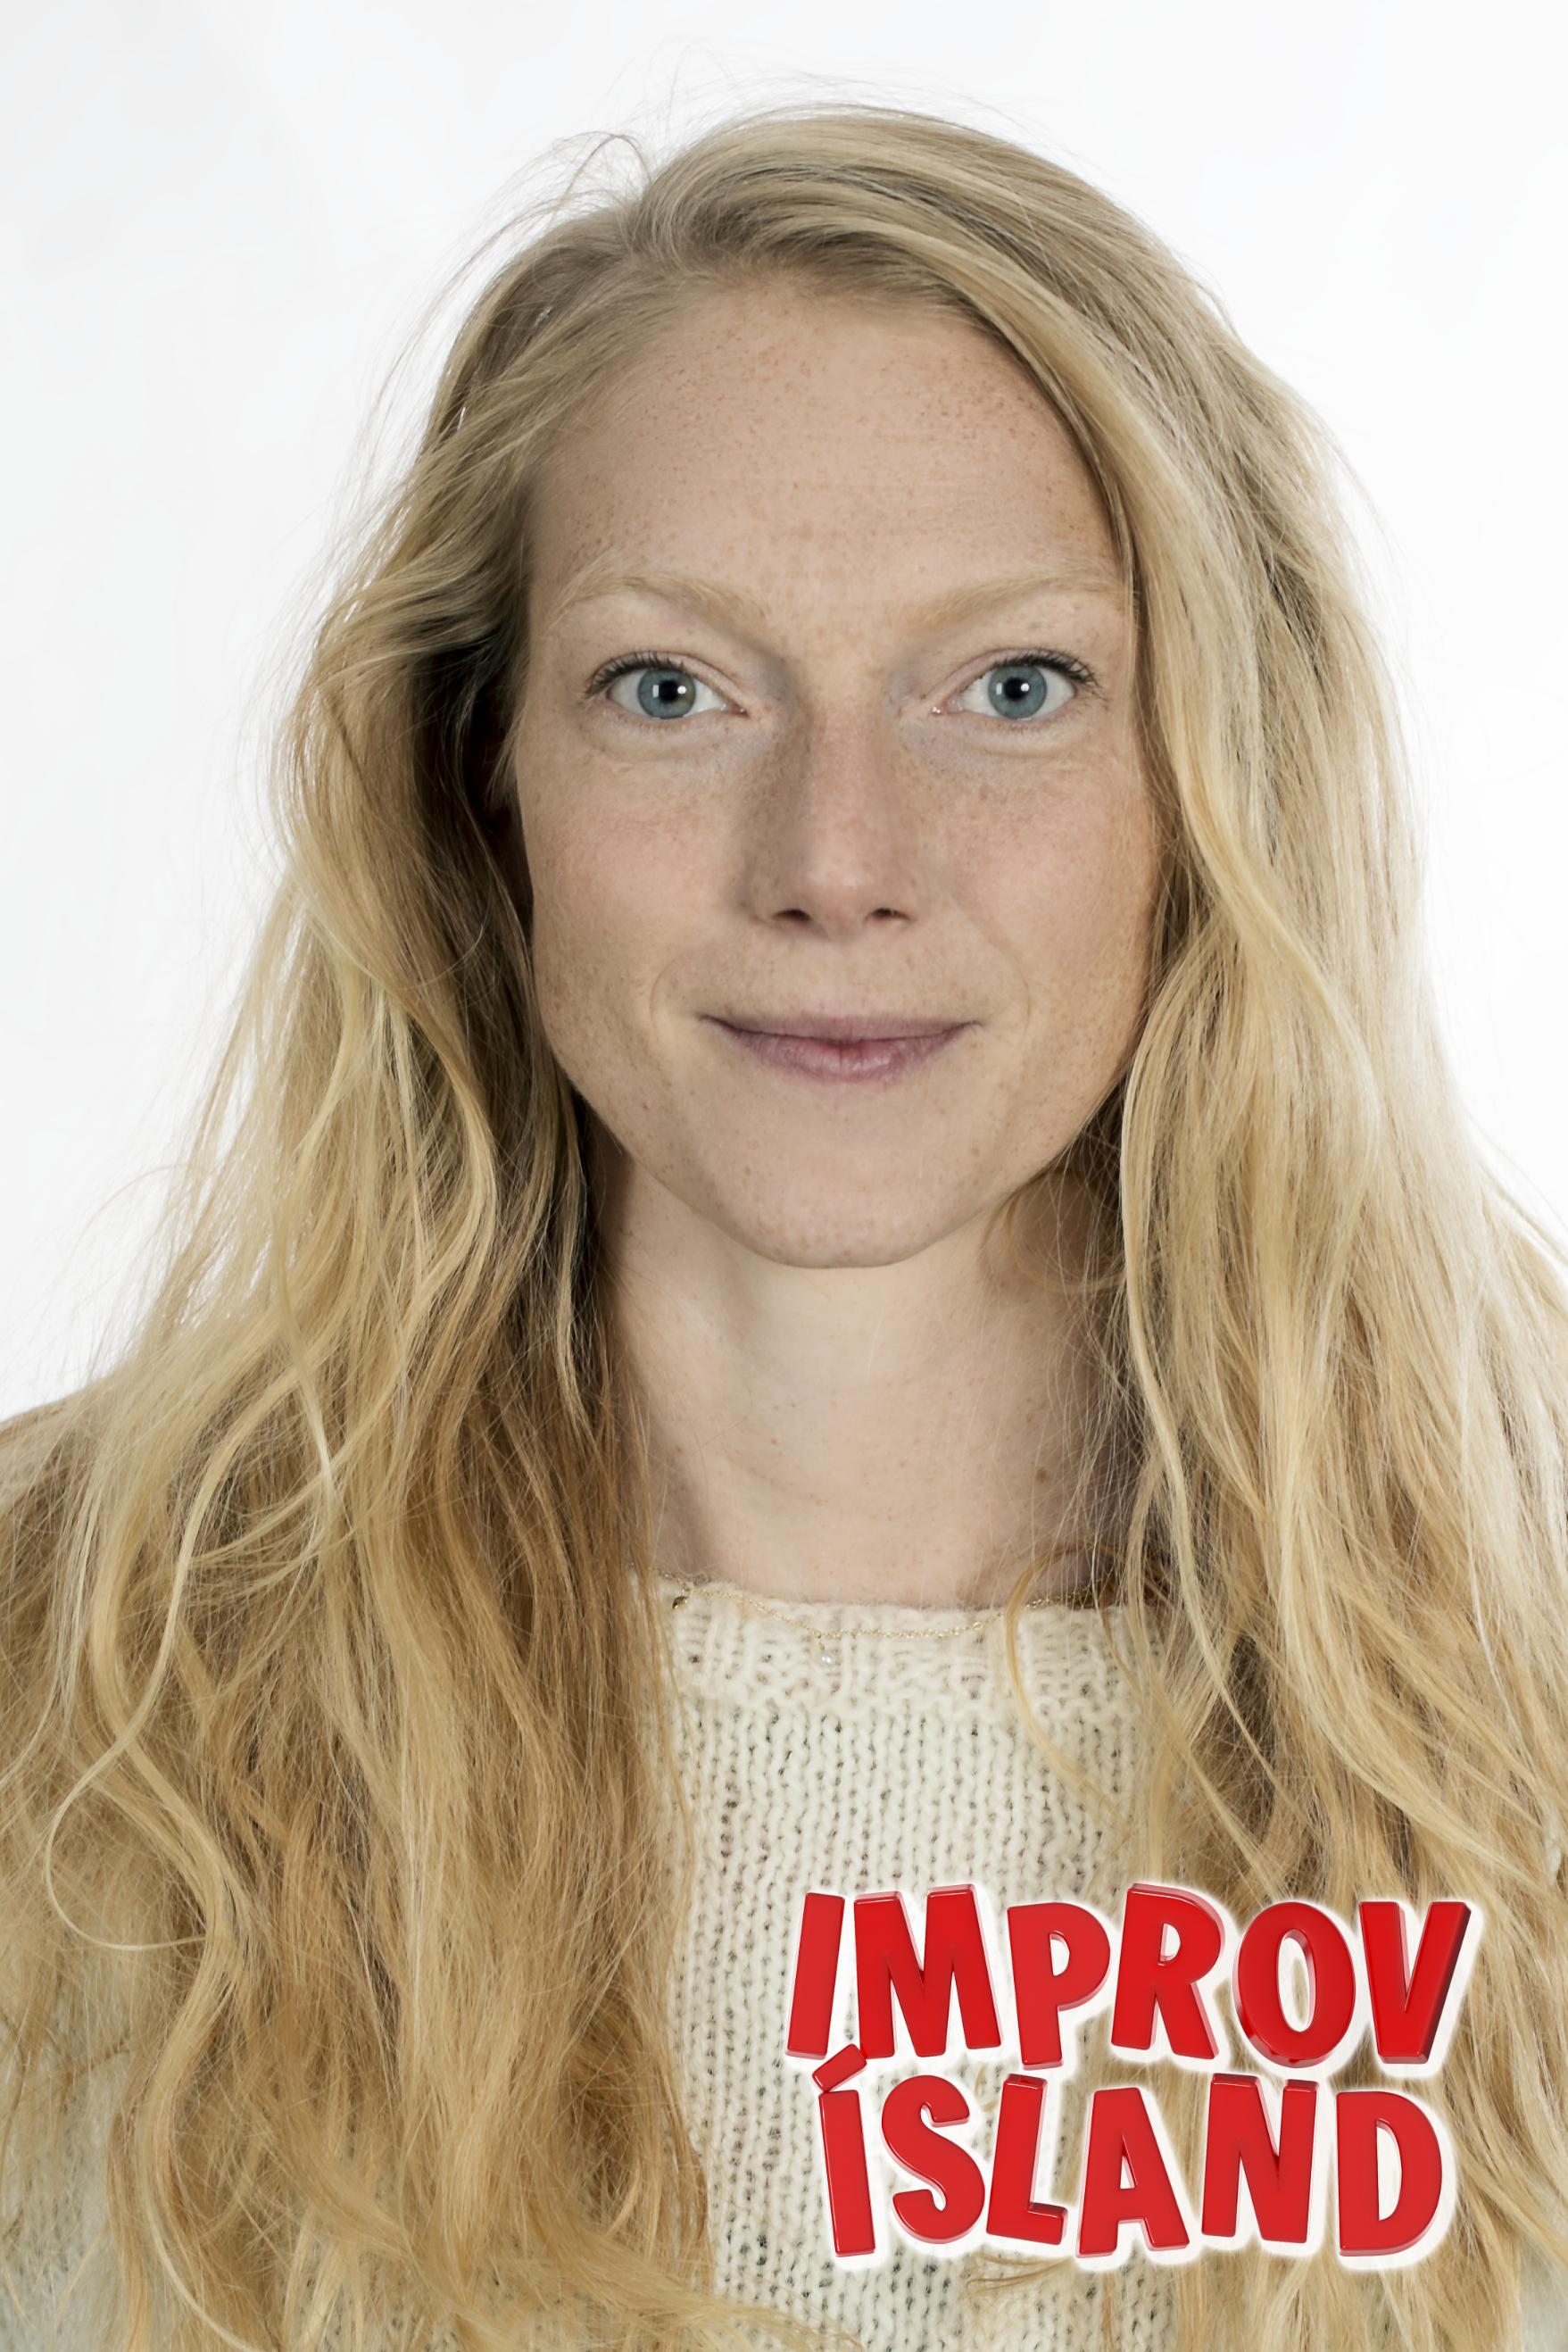 Saga Garðarsdóttir